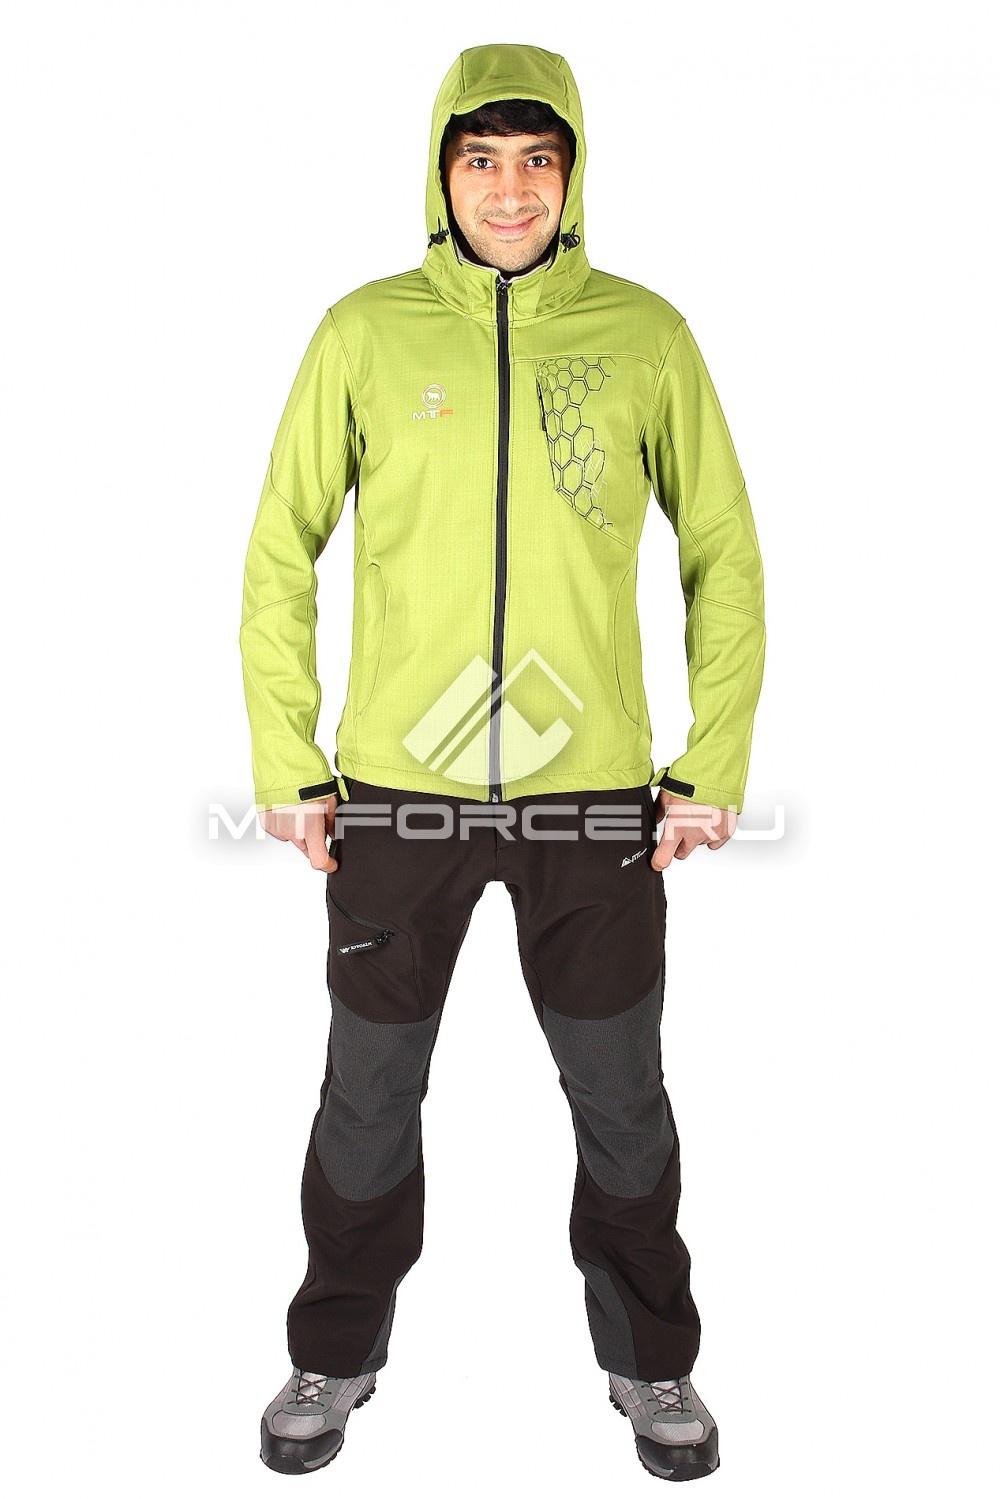 Купить                                  оптом Костюм виндстопер мужской зеленого цвета  01528Z в Санкт-Петербурге